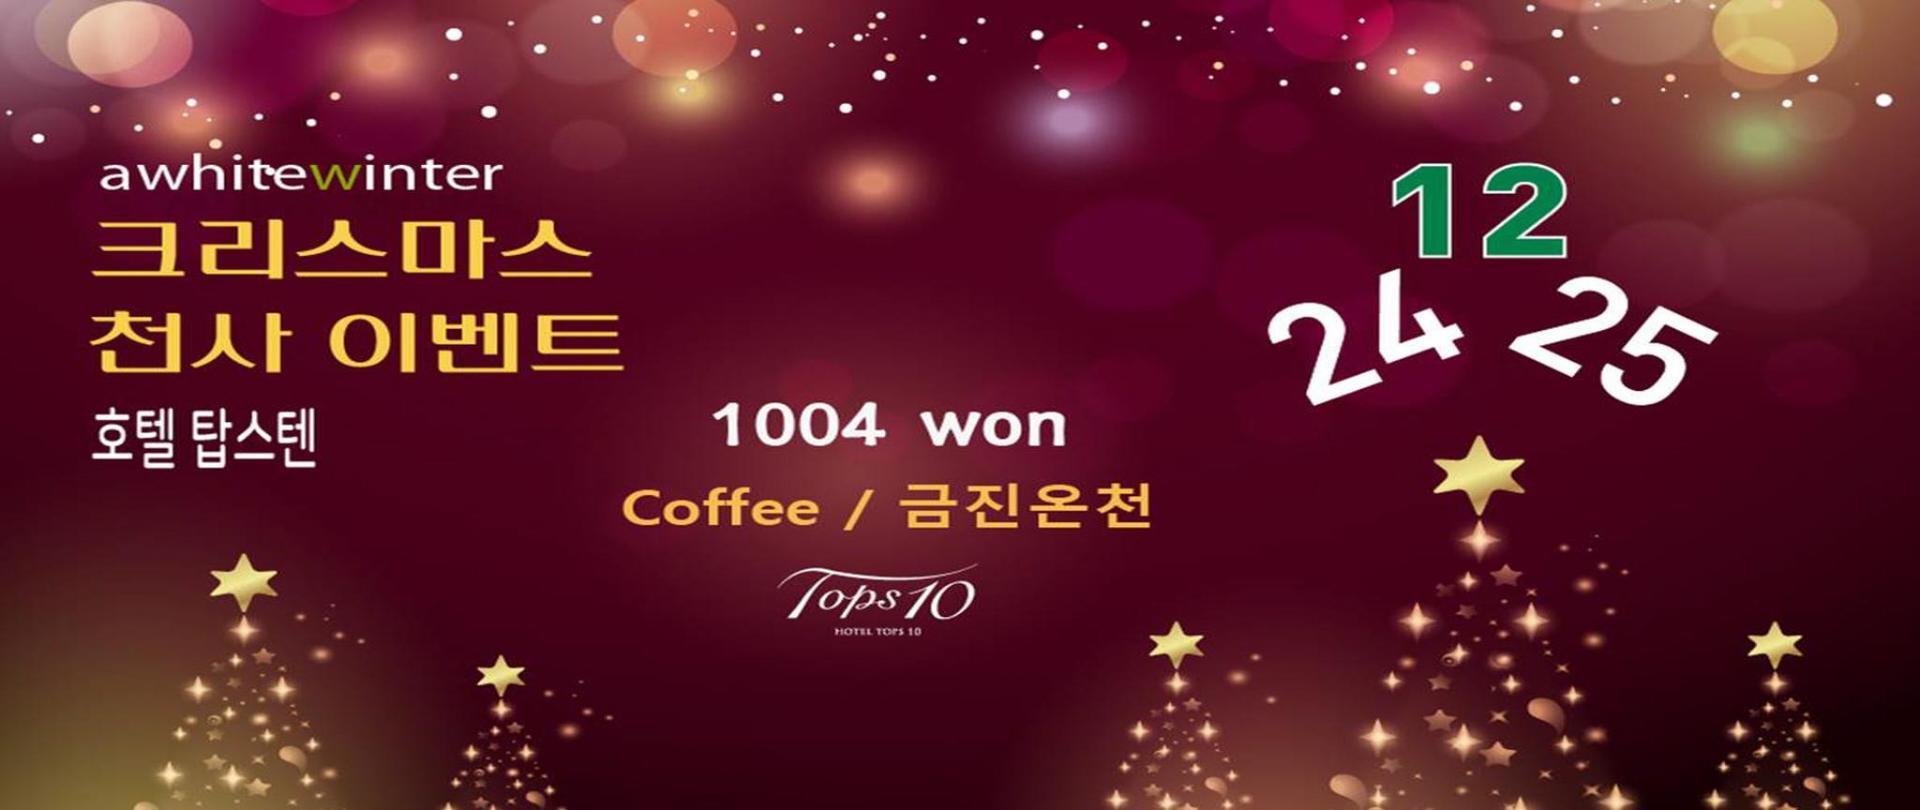 꾸미기_Christmas event.jpg